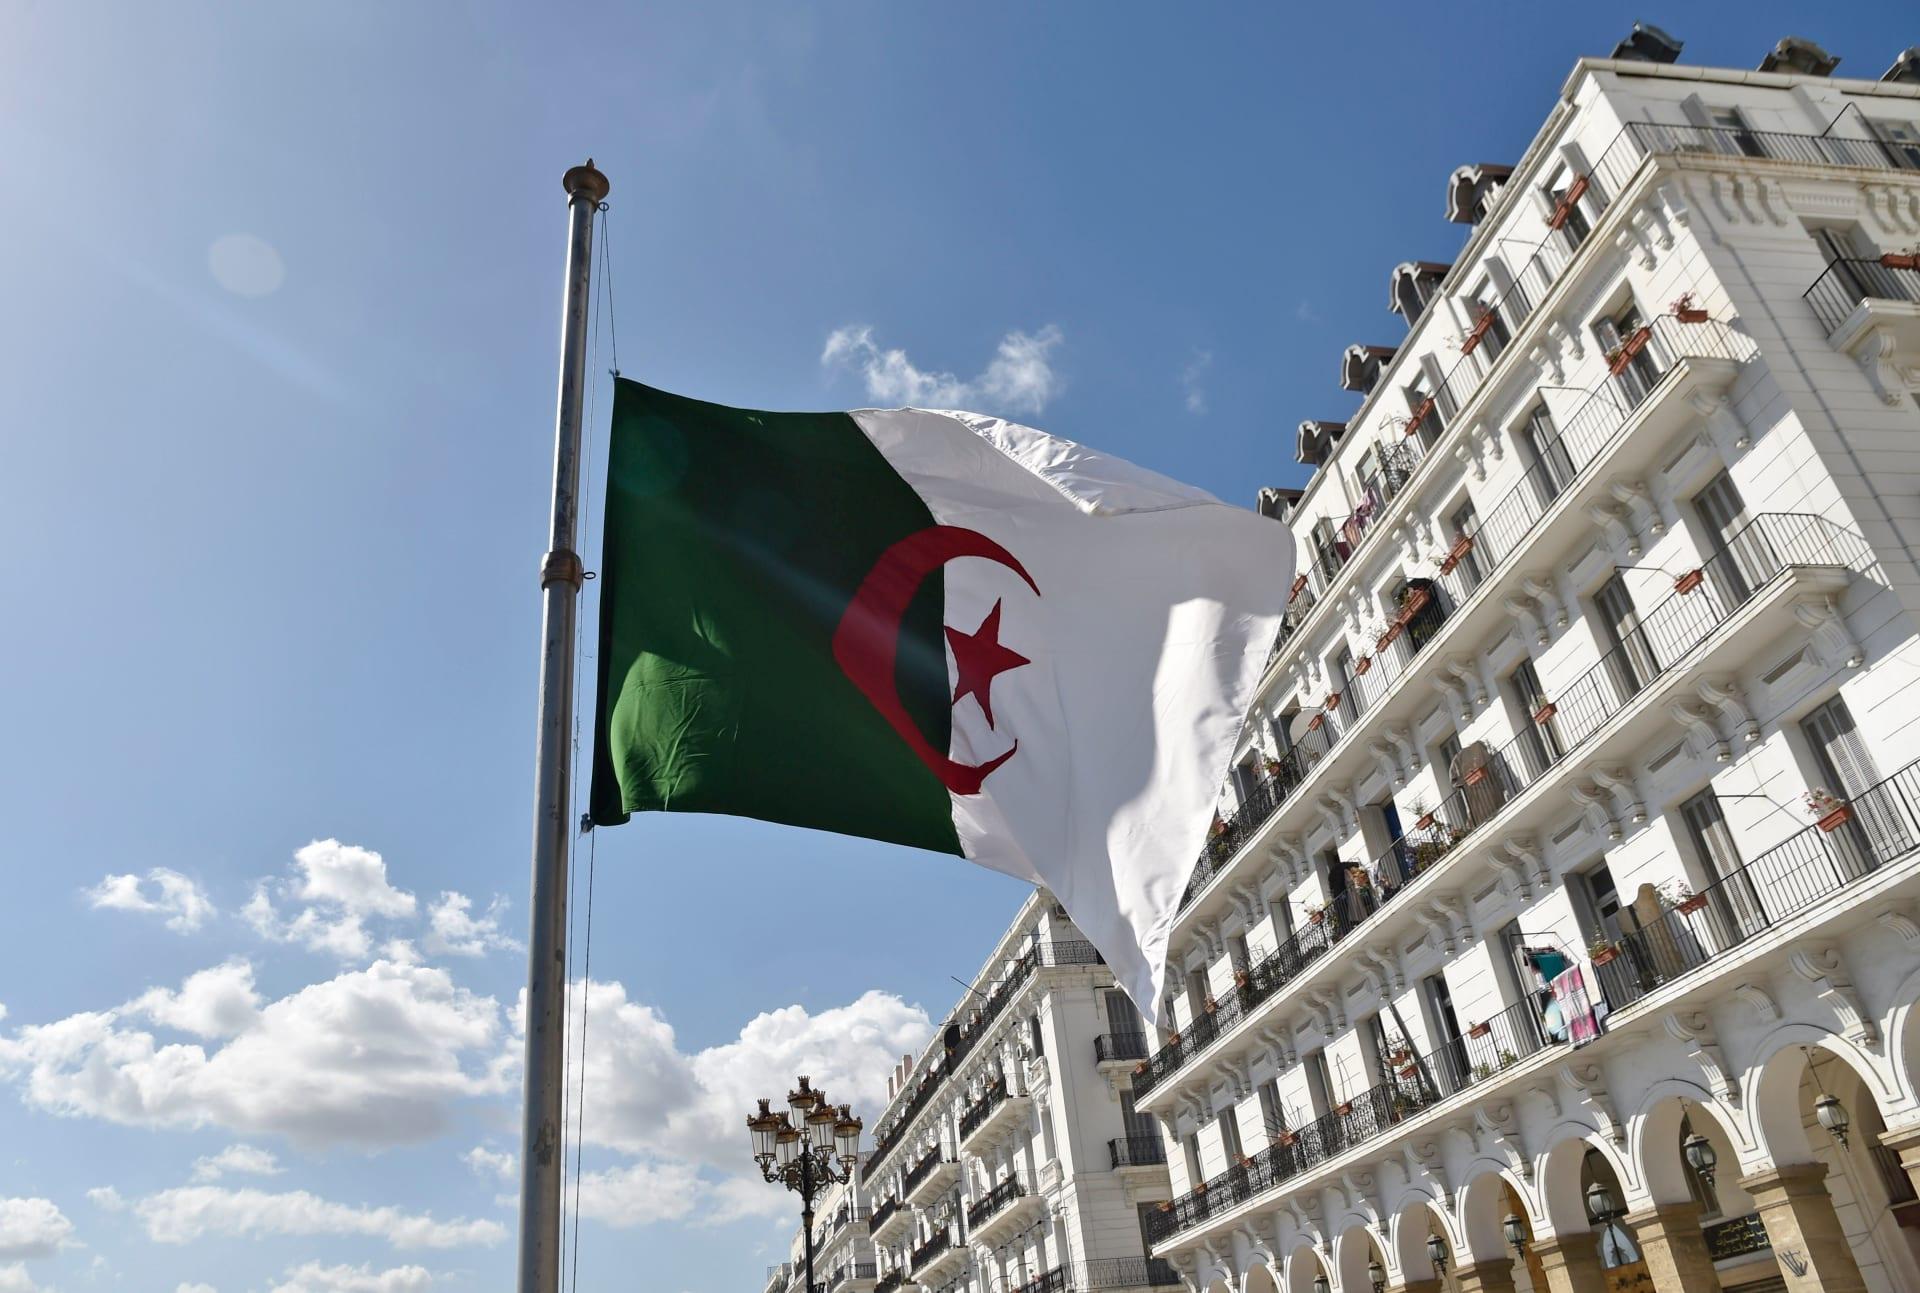 أول تعليق من الجزائر على إعلان ترامب اعتراف أمريكا بسيادة المغرب على الصحراء الغربية